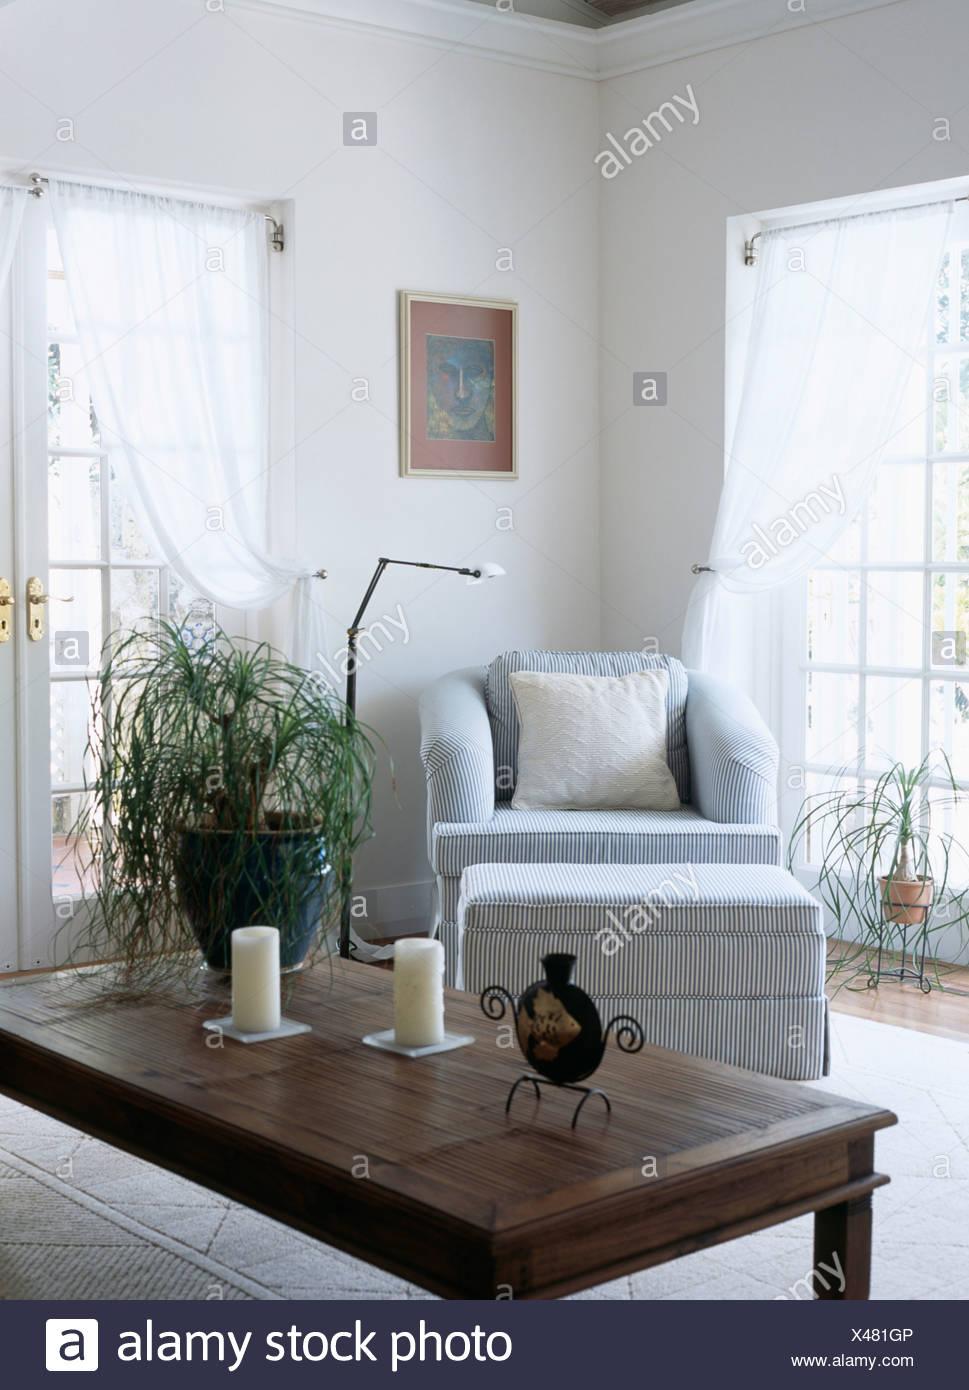 Dunkles Holz Couchtisch In Weiss Wohnzimmer Mit Pastell Blauen Sessel